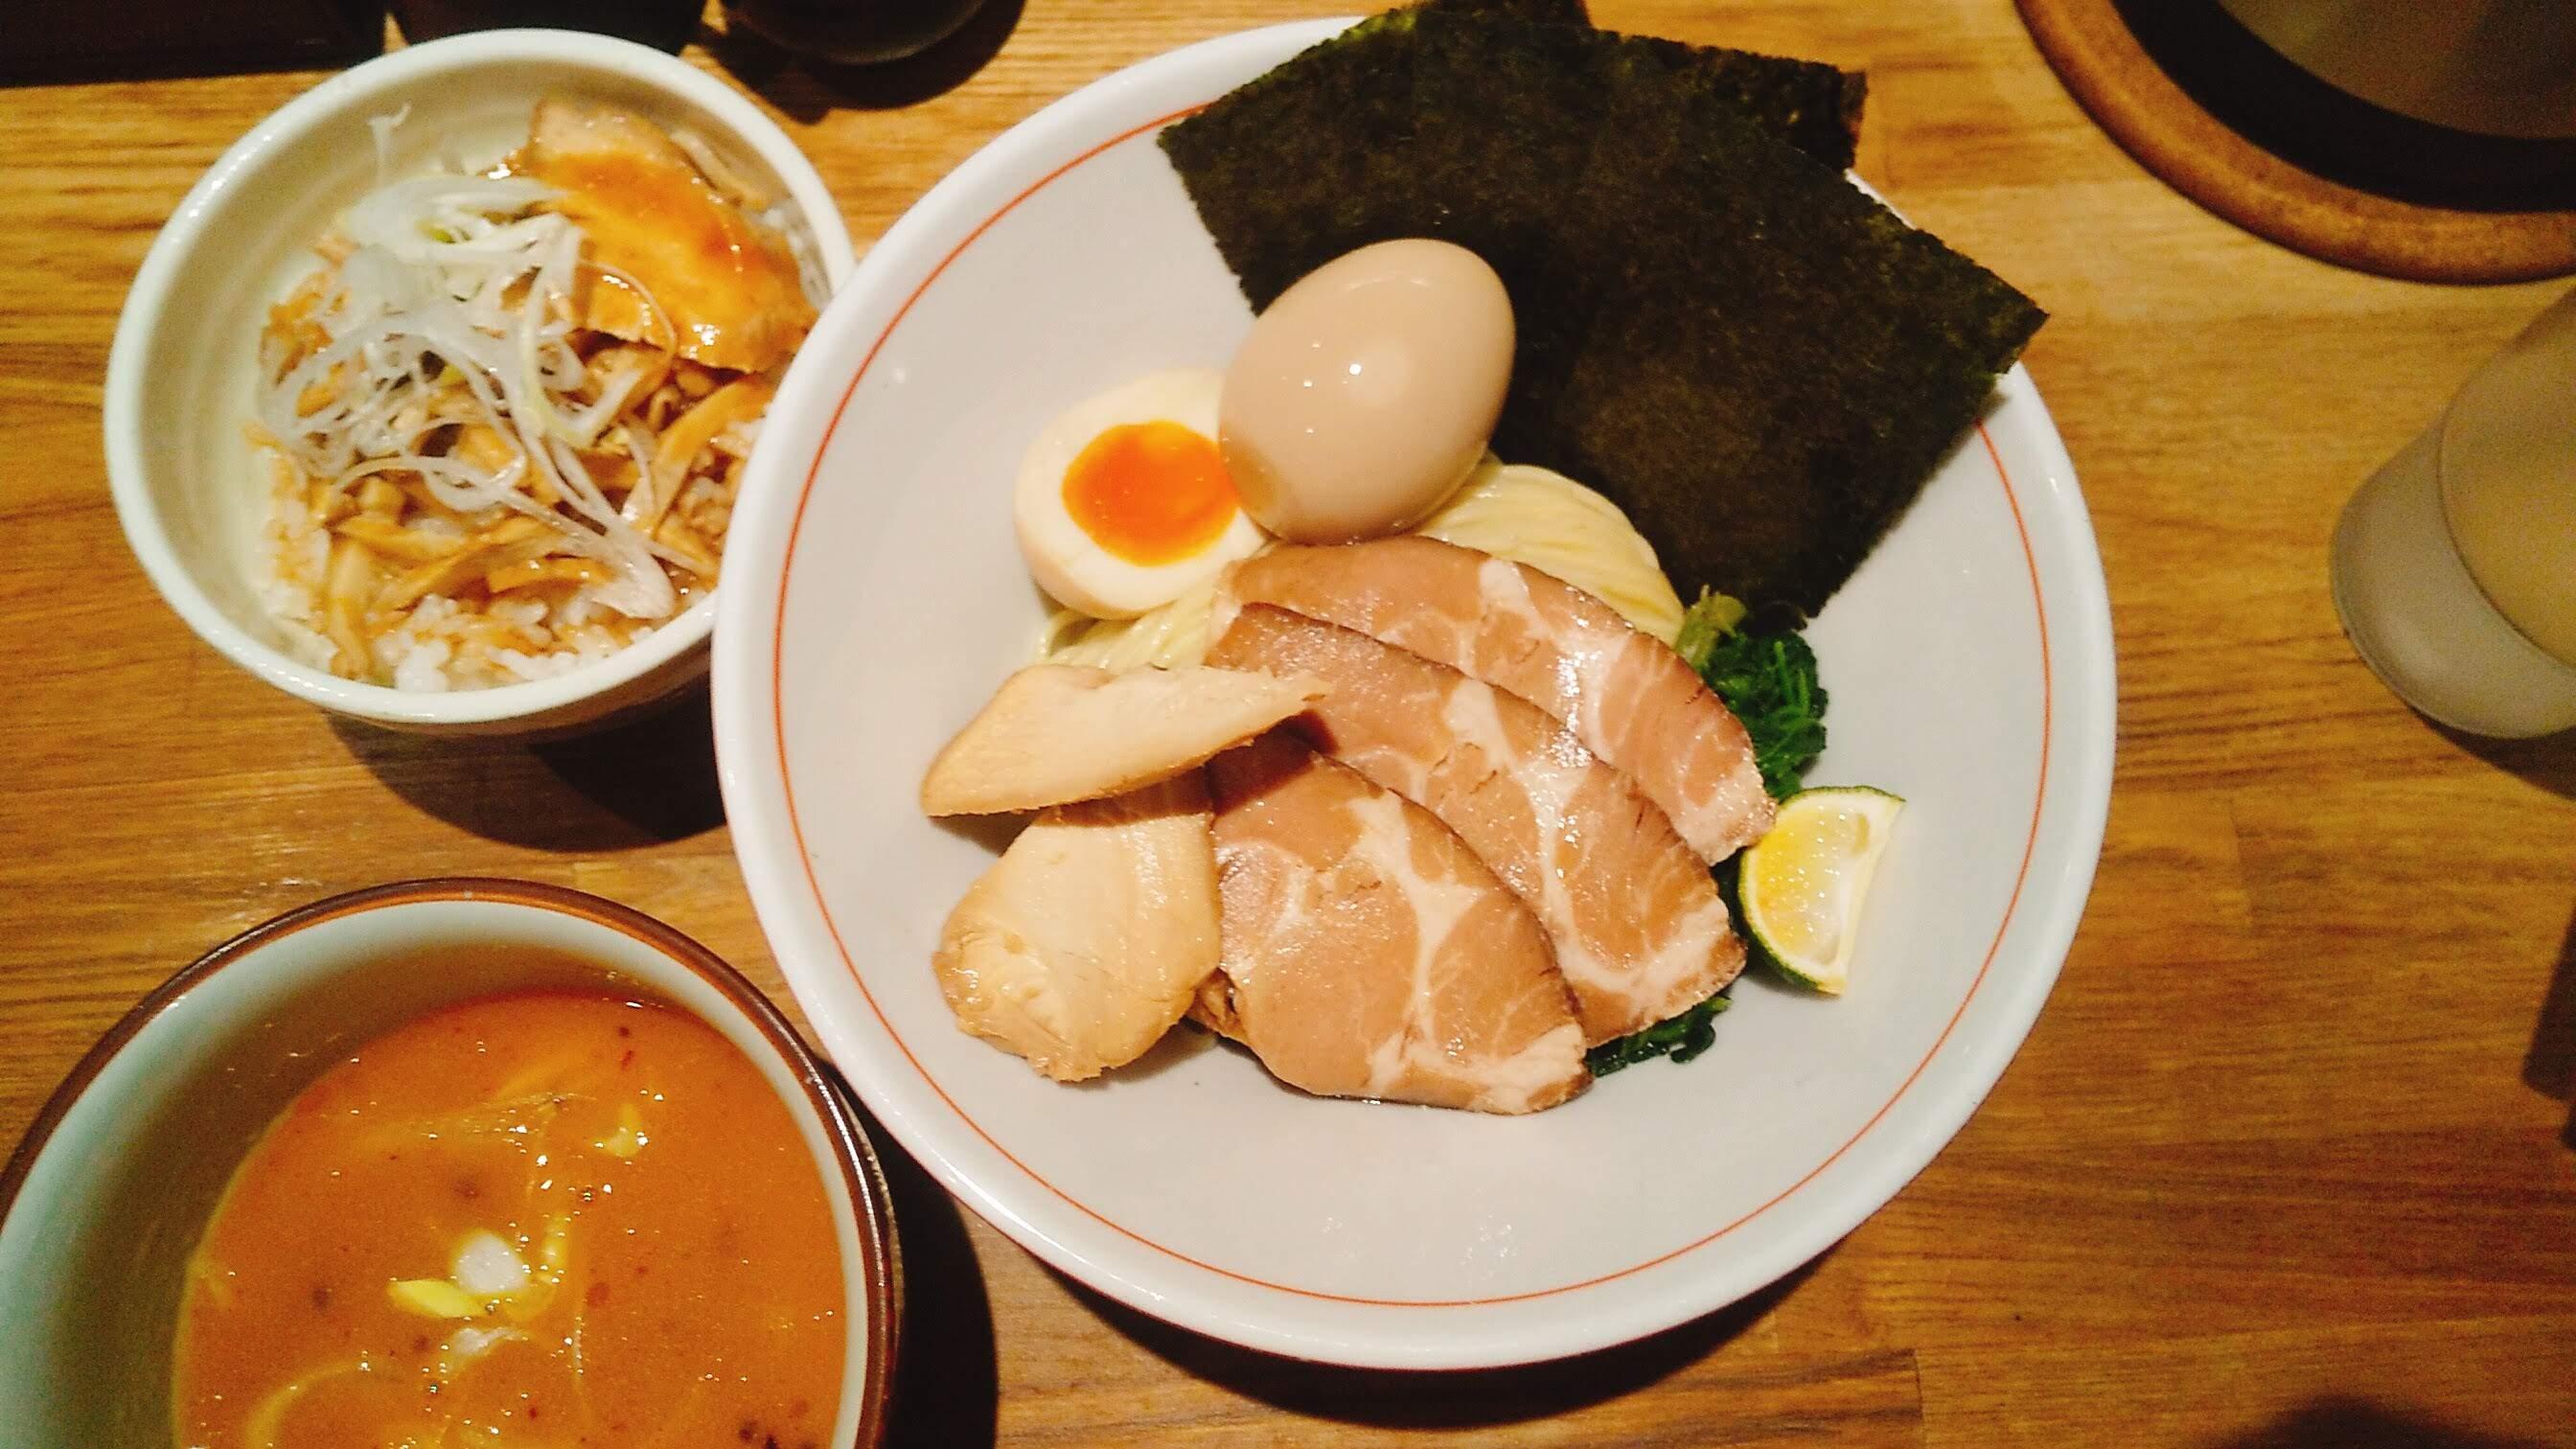 饗膳麺昌㐂の芳醇魚介鶏白湯特製つけ麺の麺皿の写真